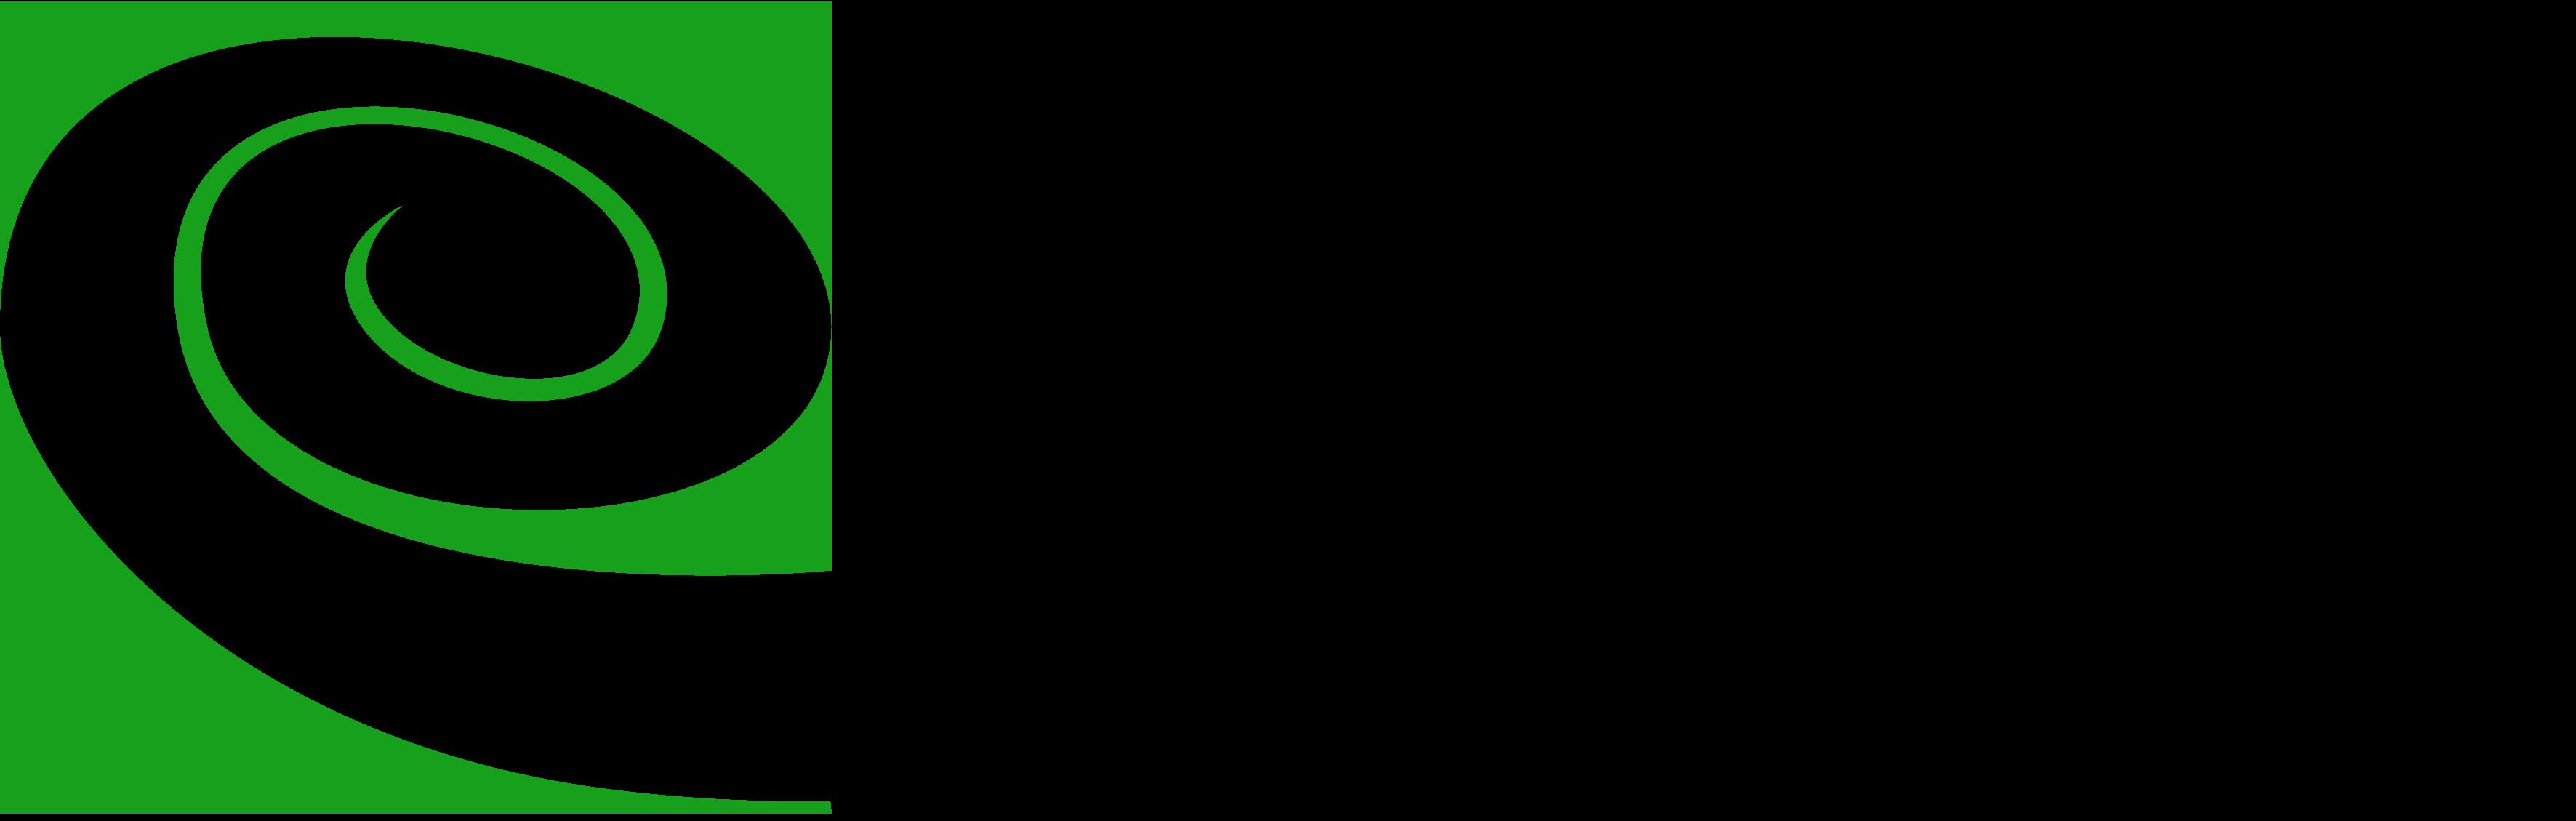 Медицинский справочник заболеваний сердечно-сосудистой системы, методы лечения и профилактики, советы от профессионалов